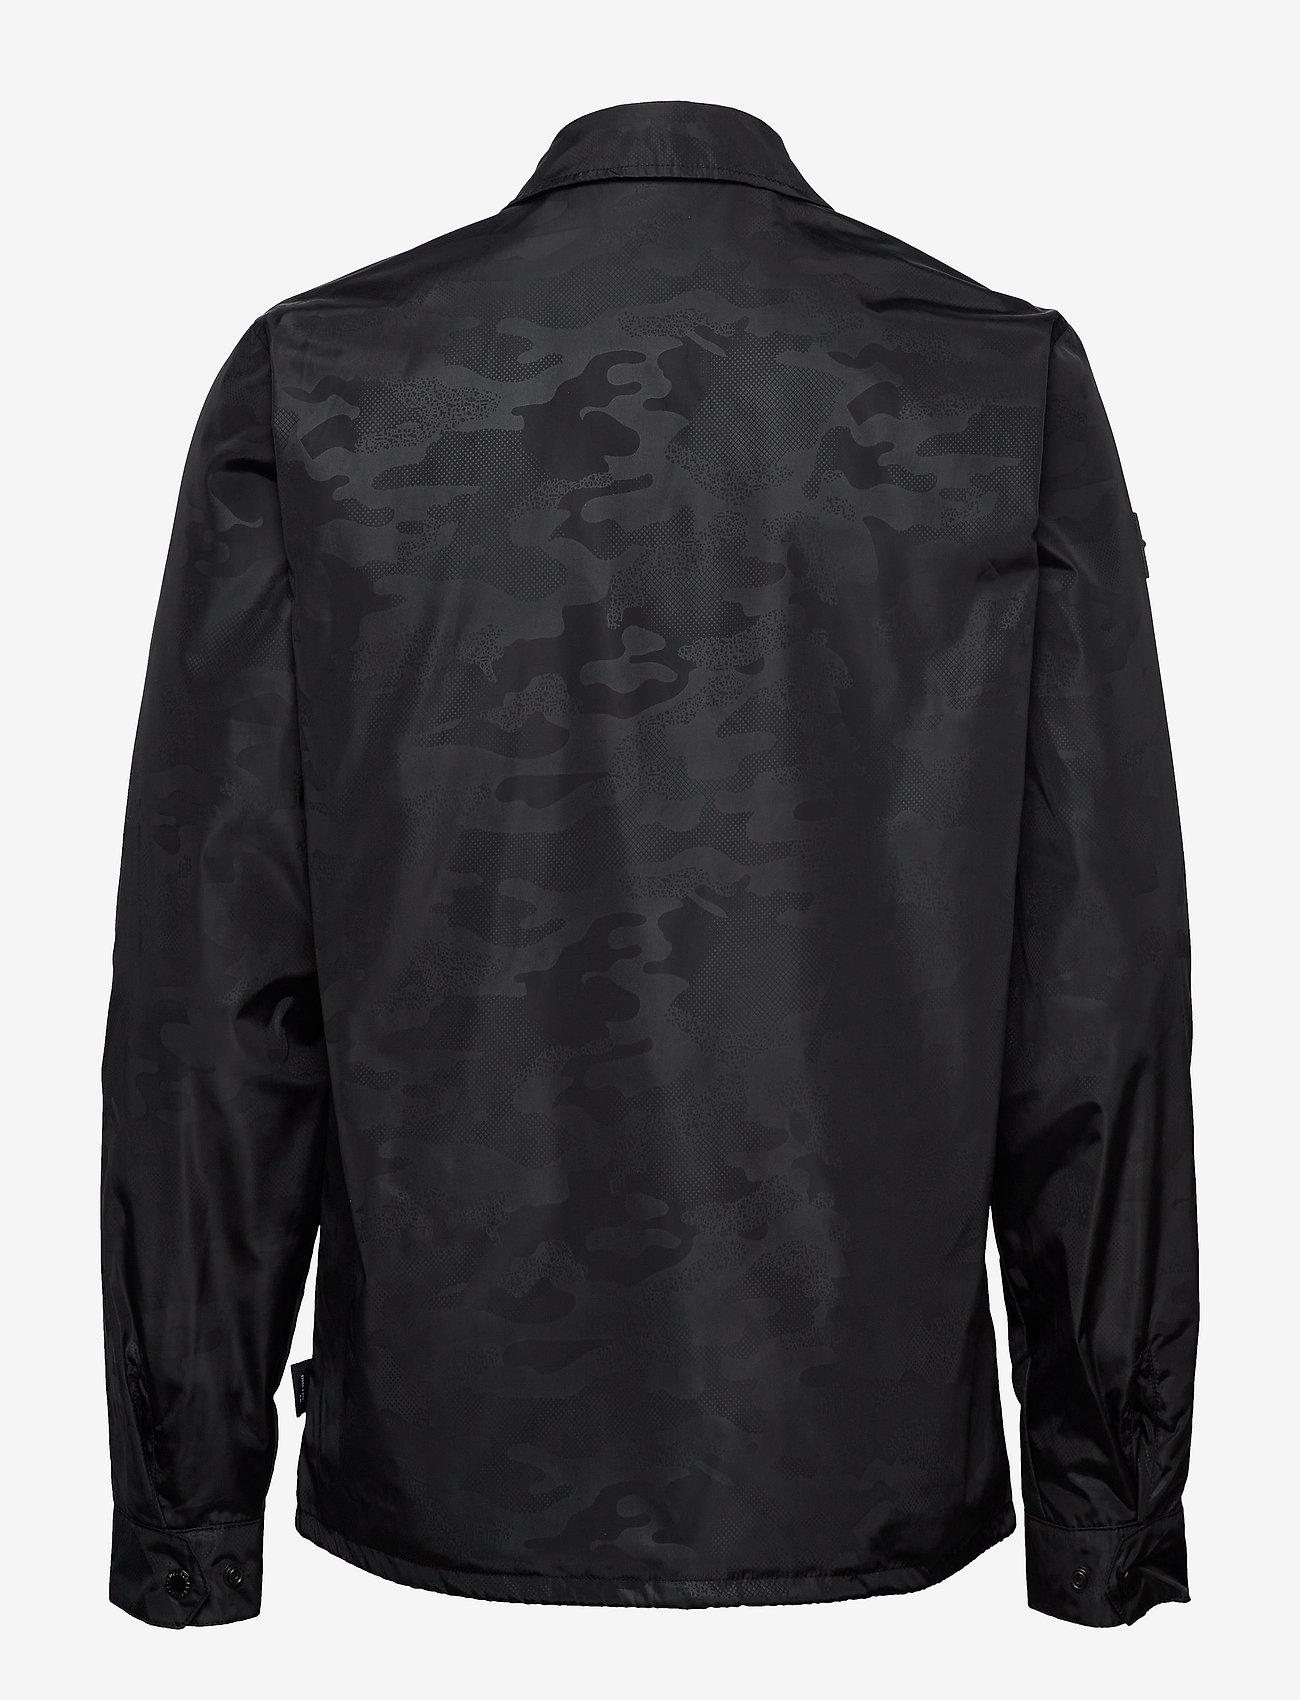 Surplus Goods Coach Jacket (Black Camo) (349.50 kr) - Superdry 7p20GMgM